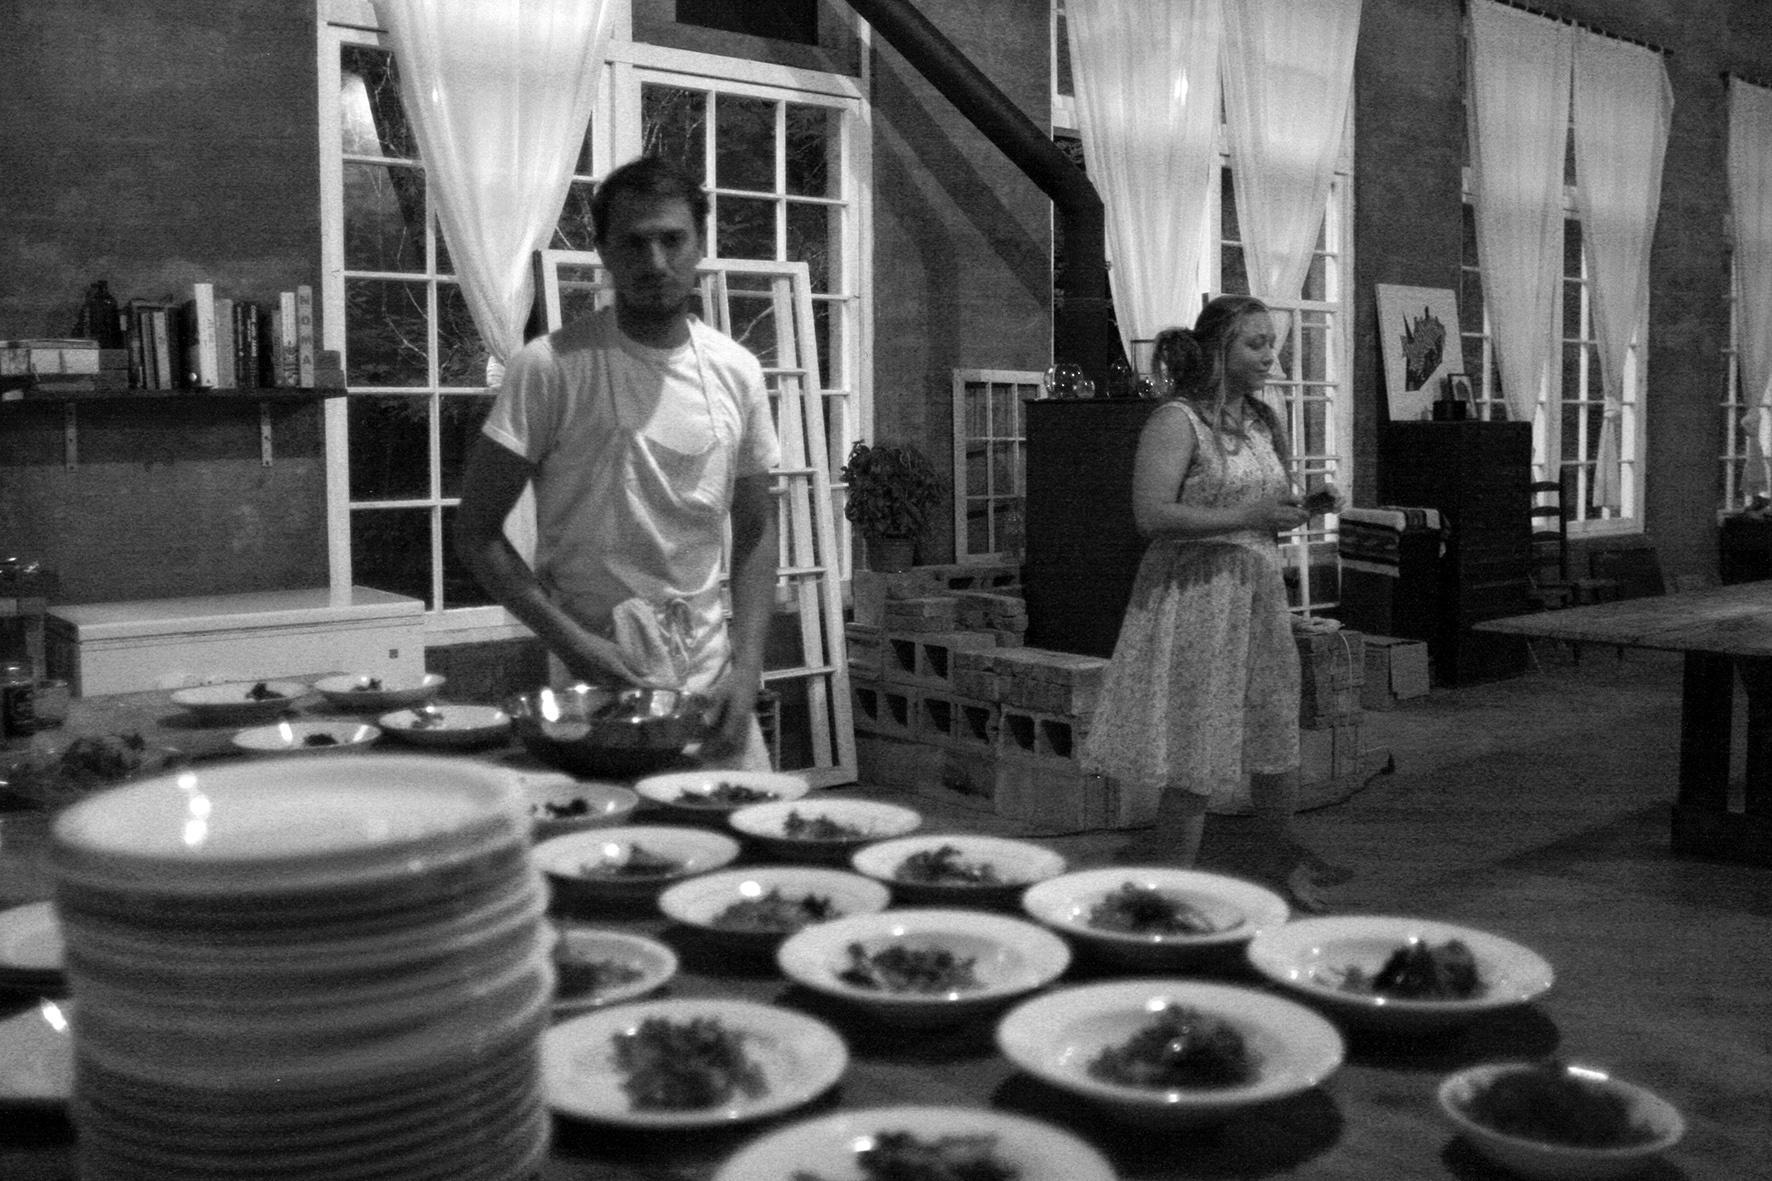 Kitchen_mill_food_02.jpg